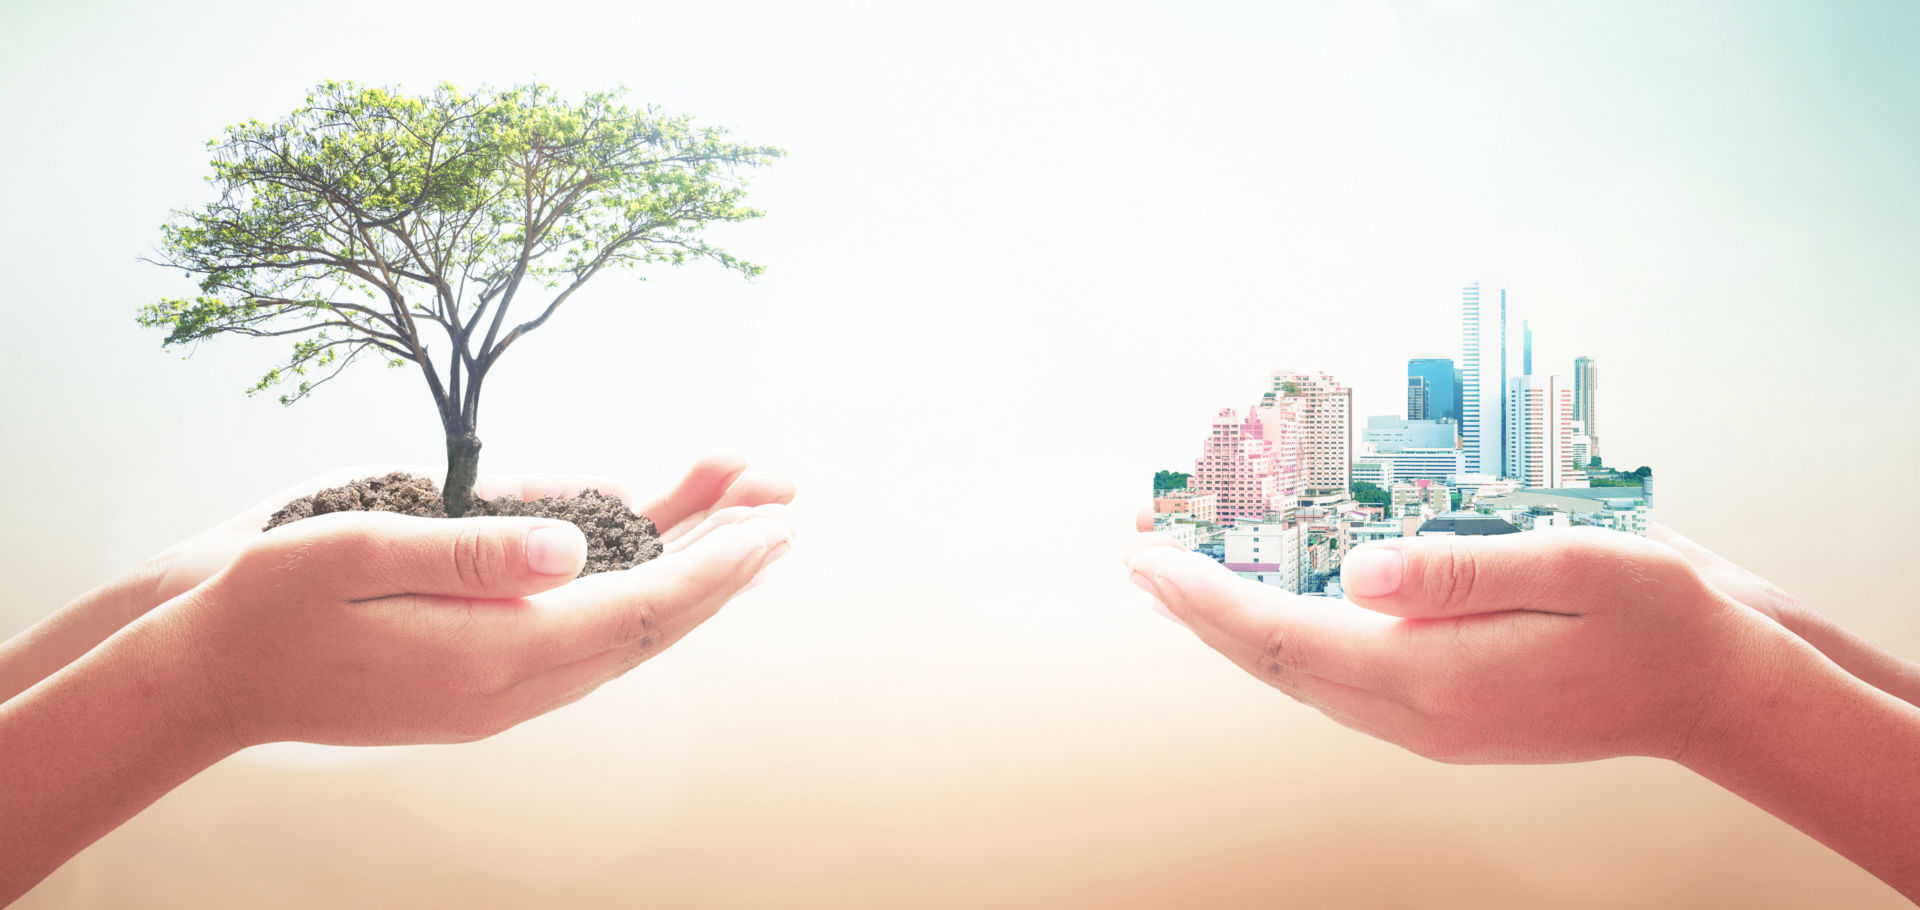 Zwei menschliche Hände, die großen Baum und Stadt über unscharfem Naturhintergrund halten